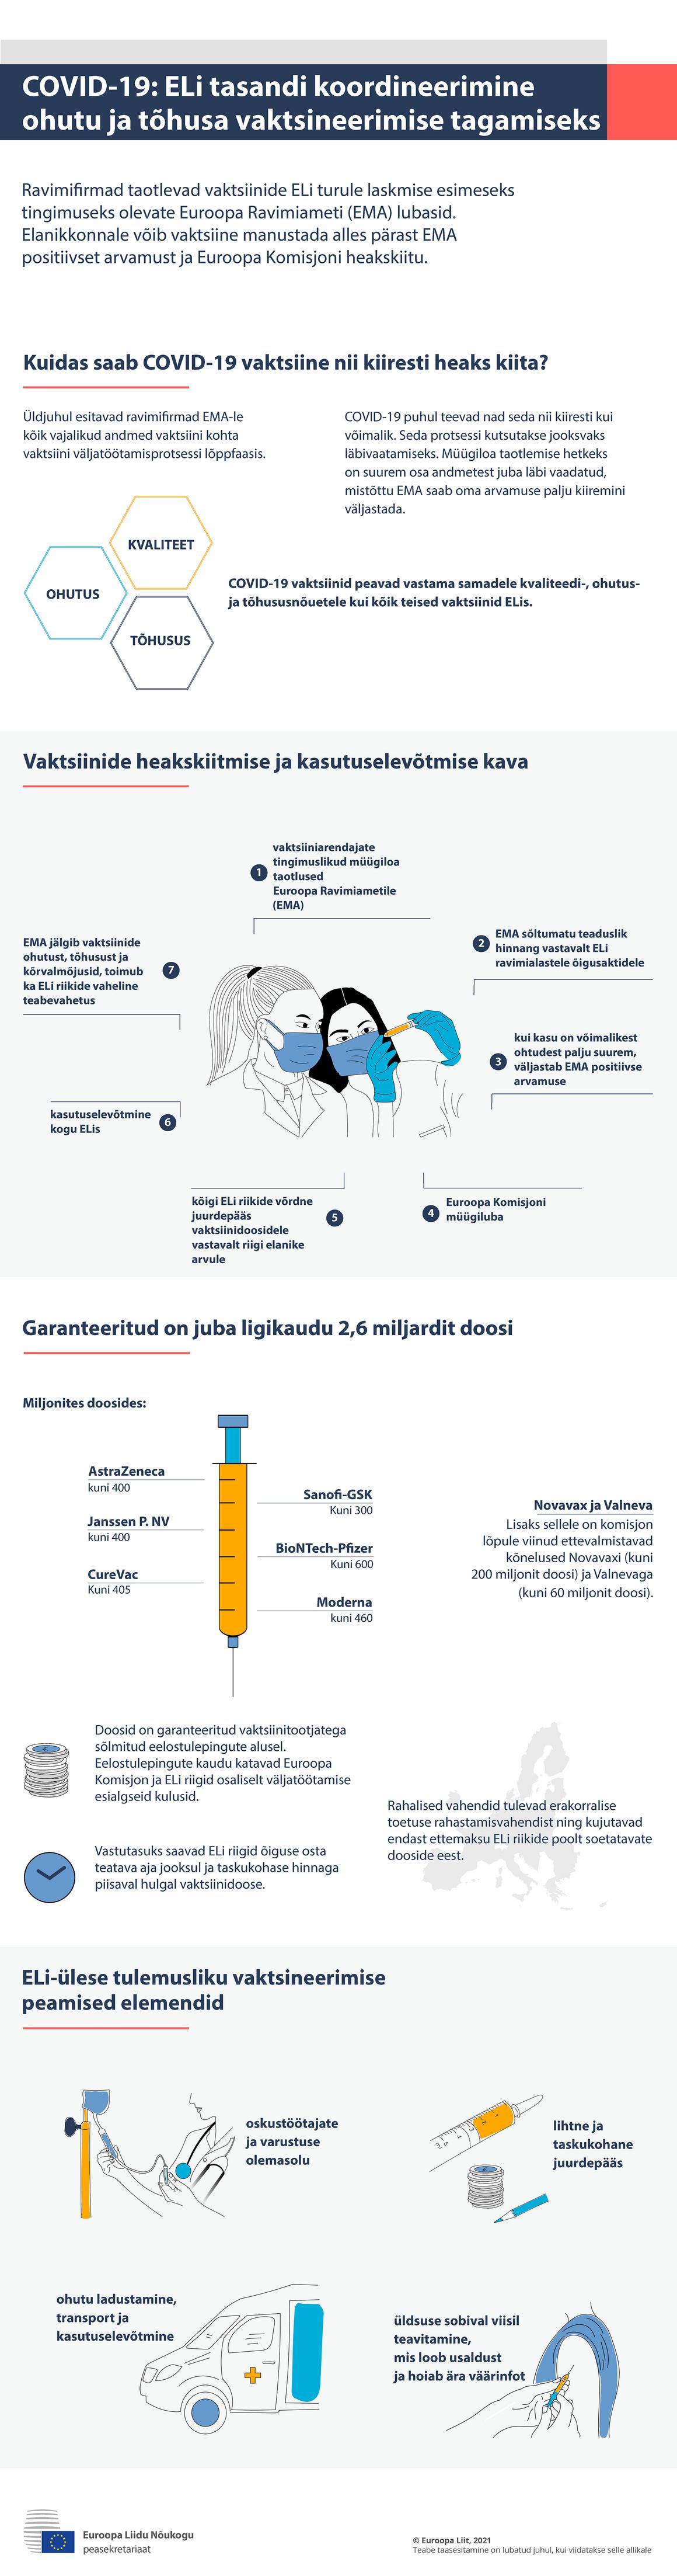 Infograafik – COVID-19: ELi tasandi koordineerimine ohutu ja tõhusa vaktsineerimise tagamiseks